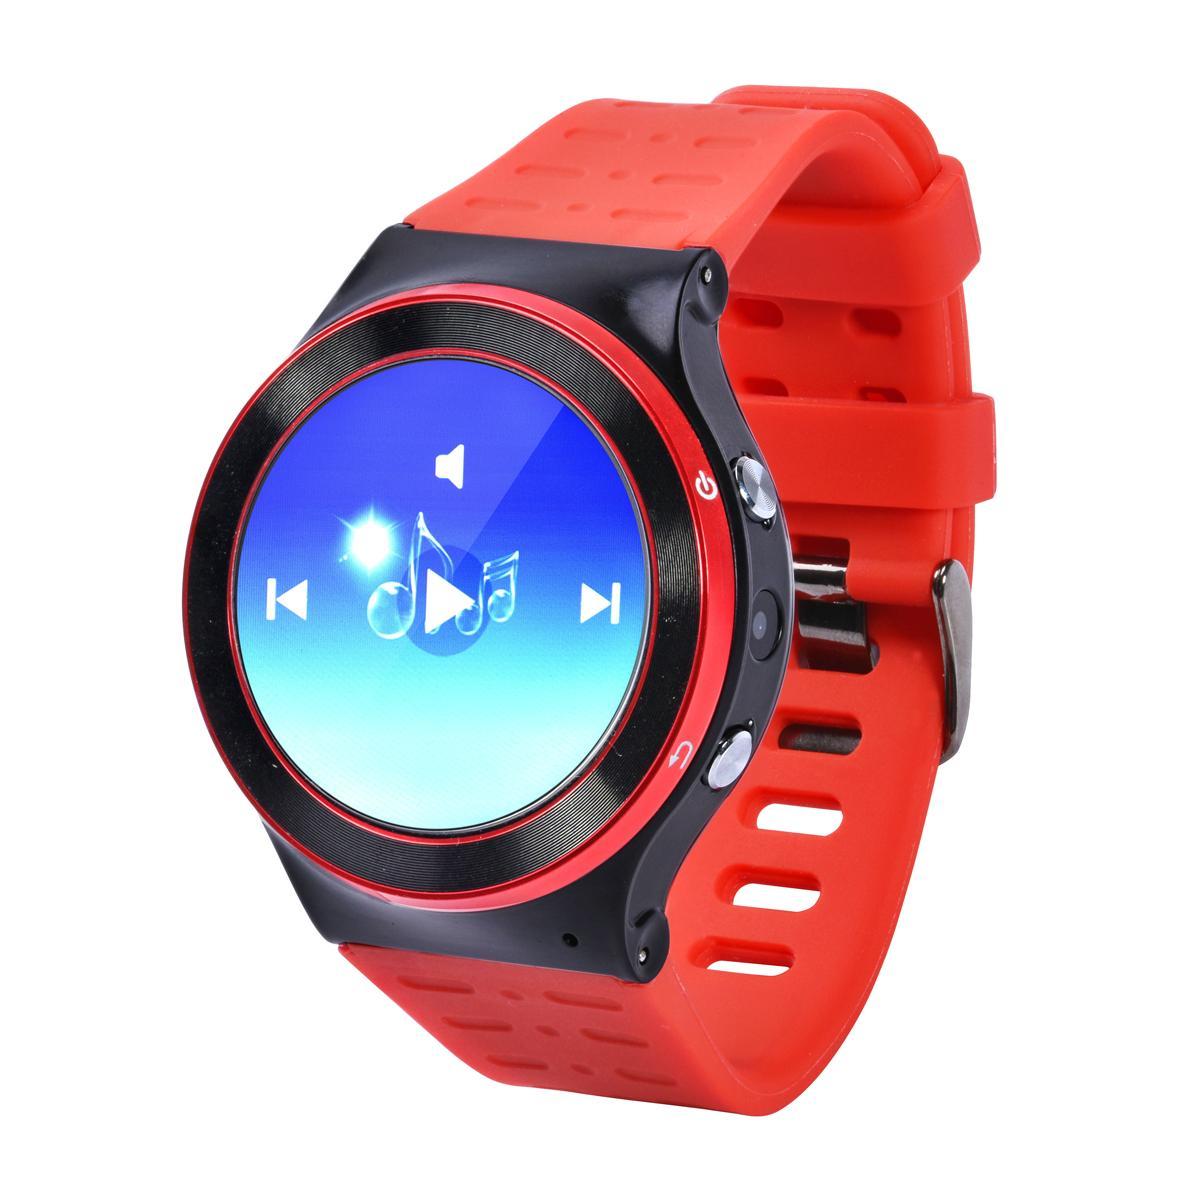 s99 安卓智能手表,触摸屏手表手机 5